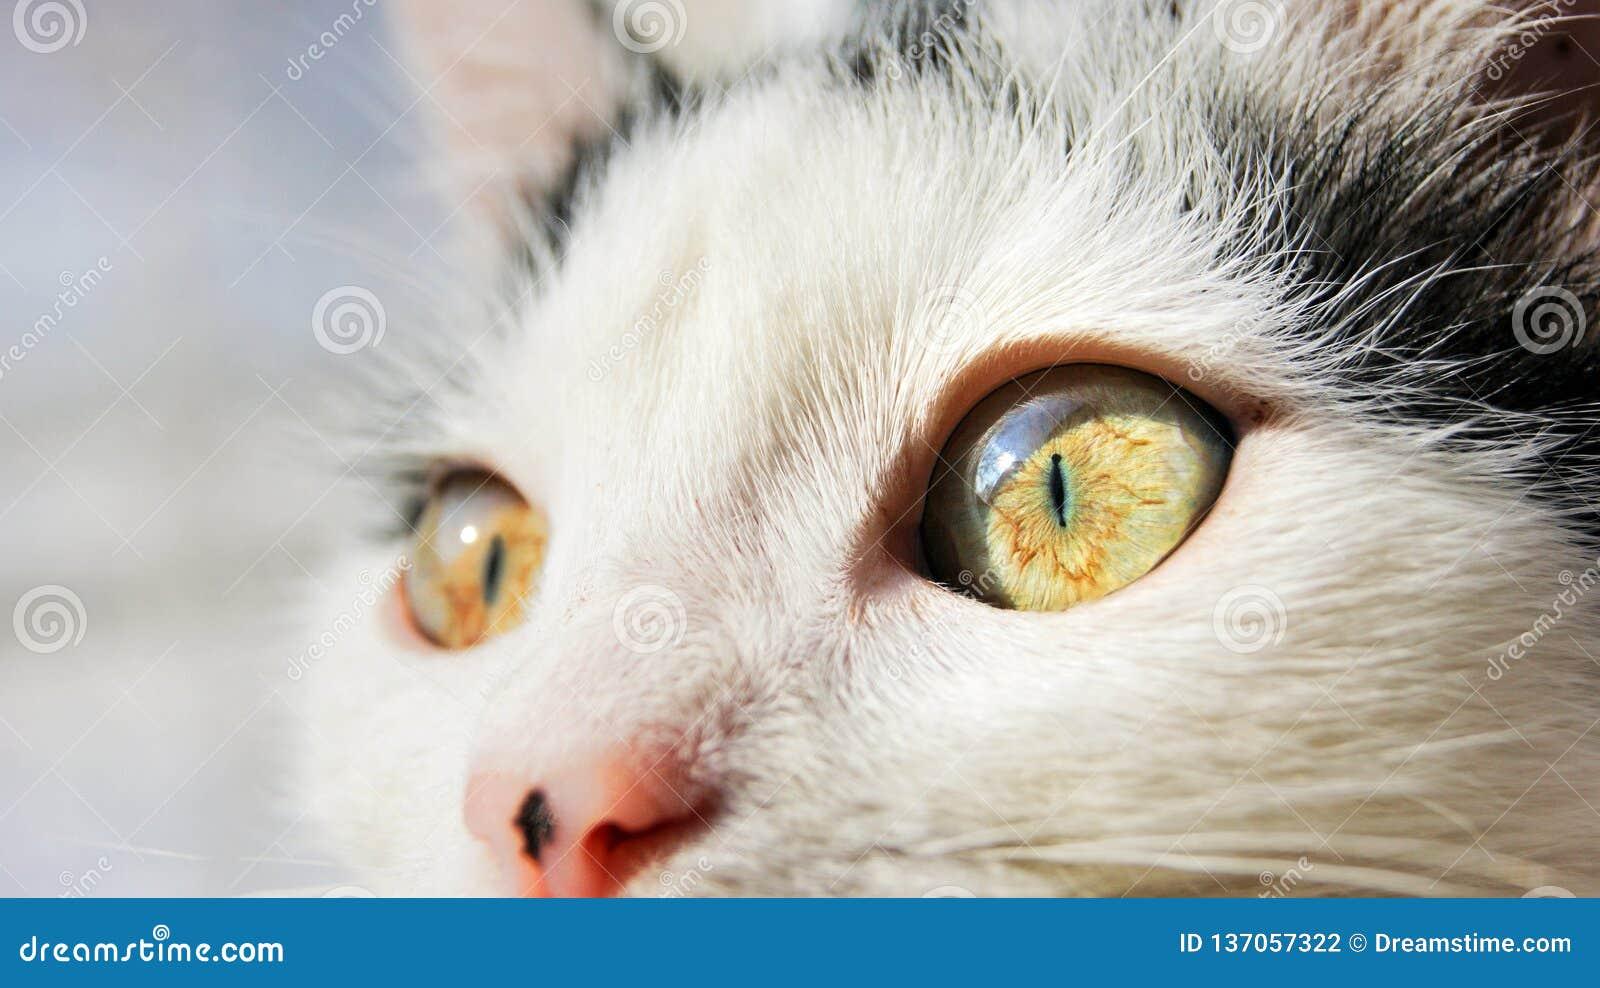 Staken de grote gele ogen van de kat omhoog met licht aan